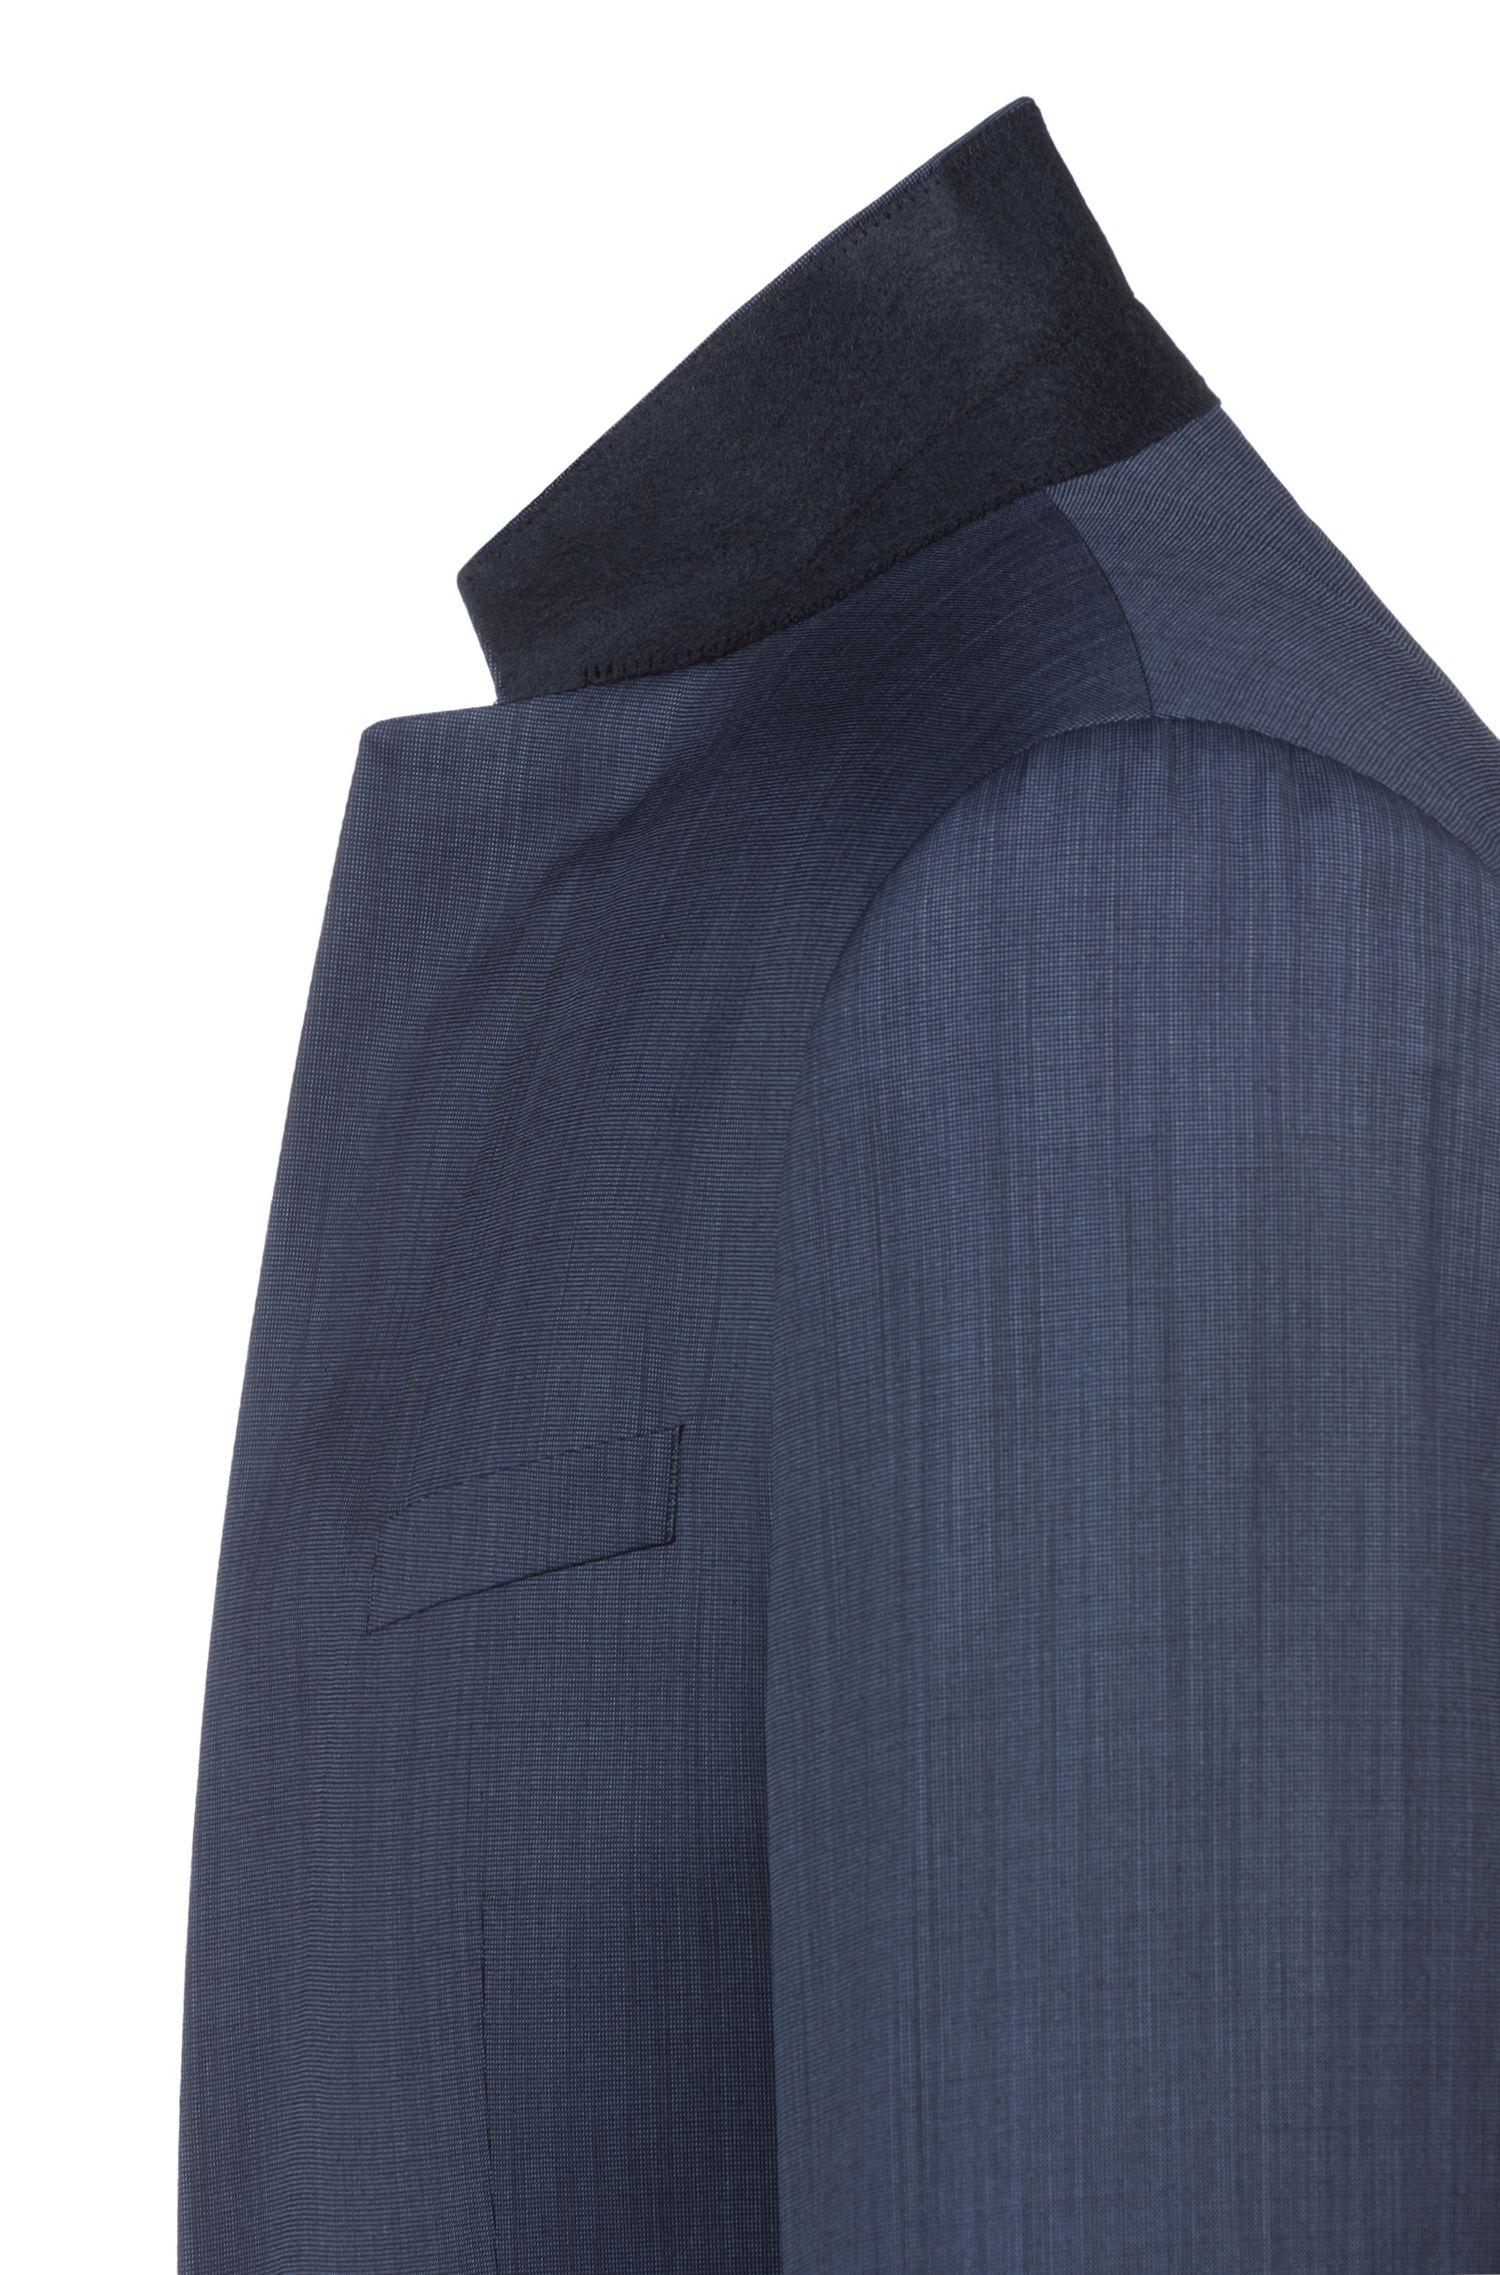 Extra Slim-Fit Anzug aus zweifarbigem Schurwoll-Mix, Dunkelblau